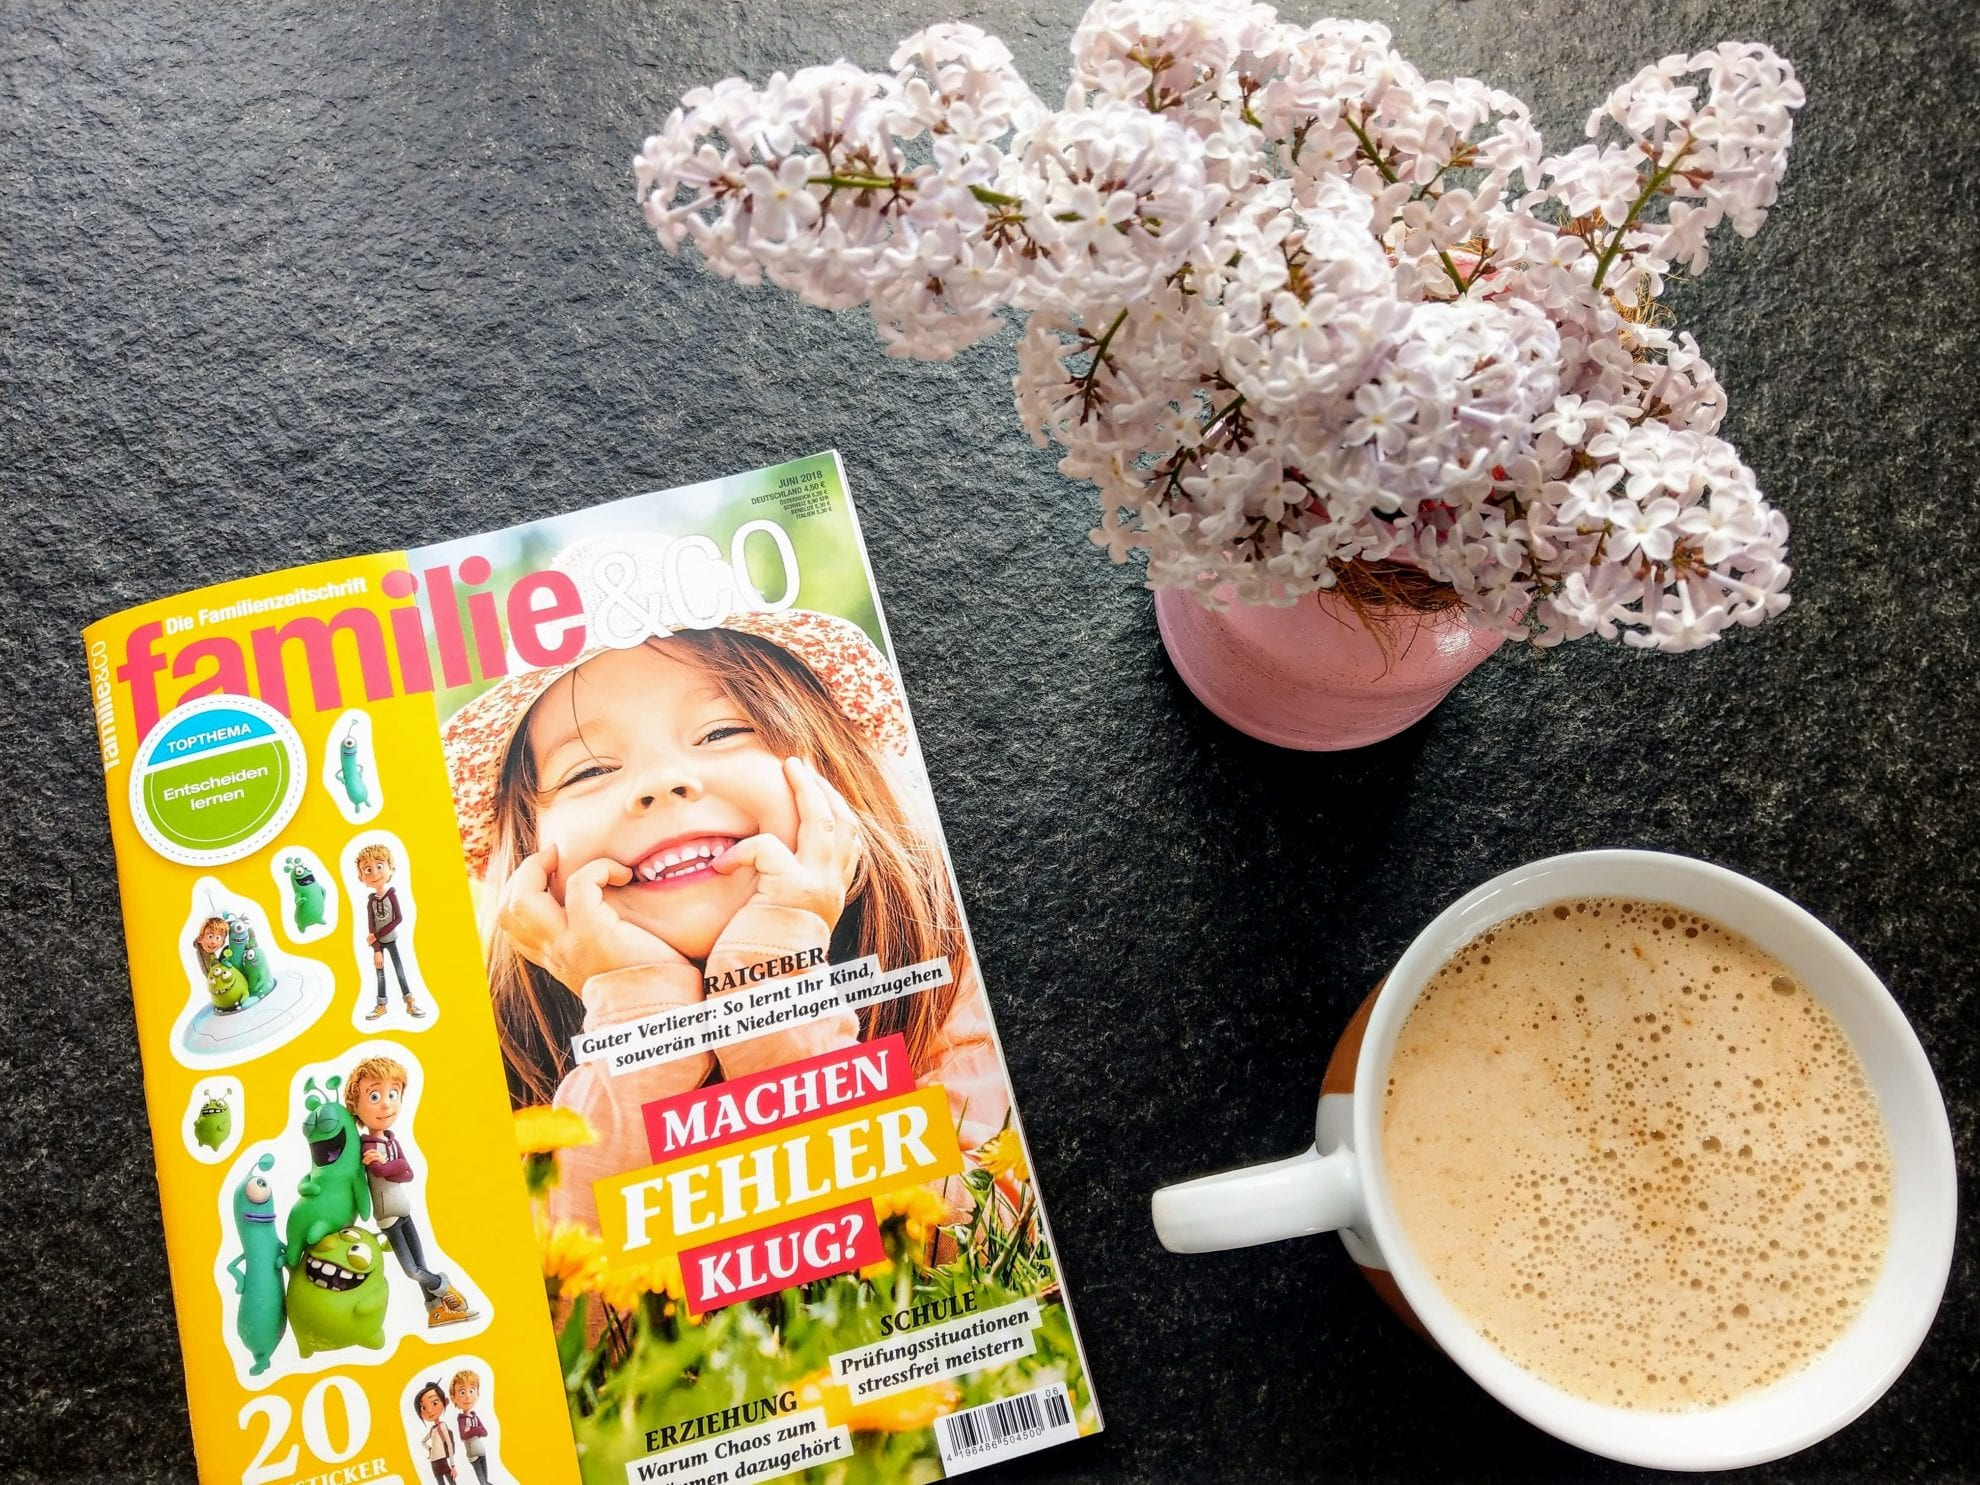 Die Freitagslieblinge am 11.5.18 sind vollgespickt mit tollen Momenten und liefern einen positiven Rückblick auf die vergangenen 7 Tage von Julie auf Puddingklecks.de